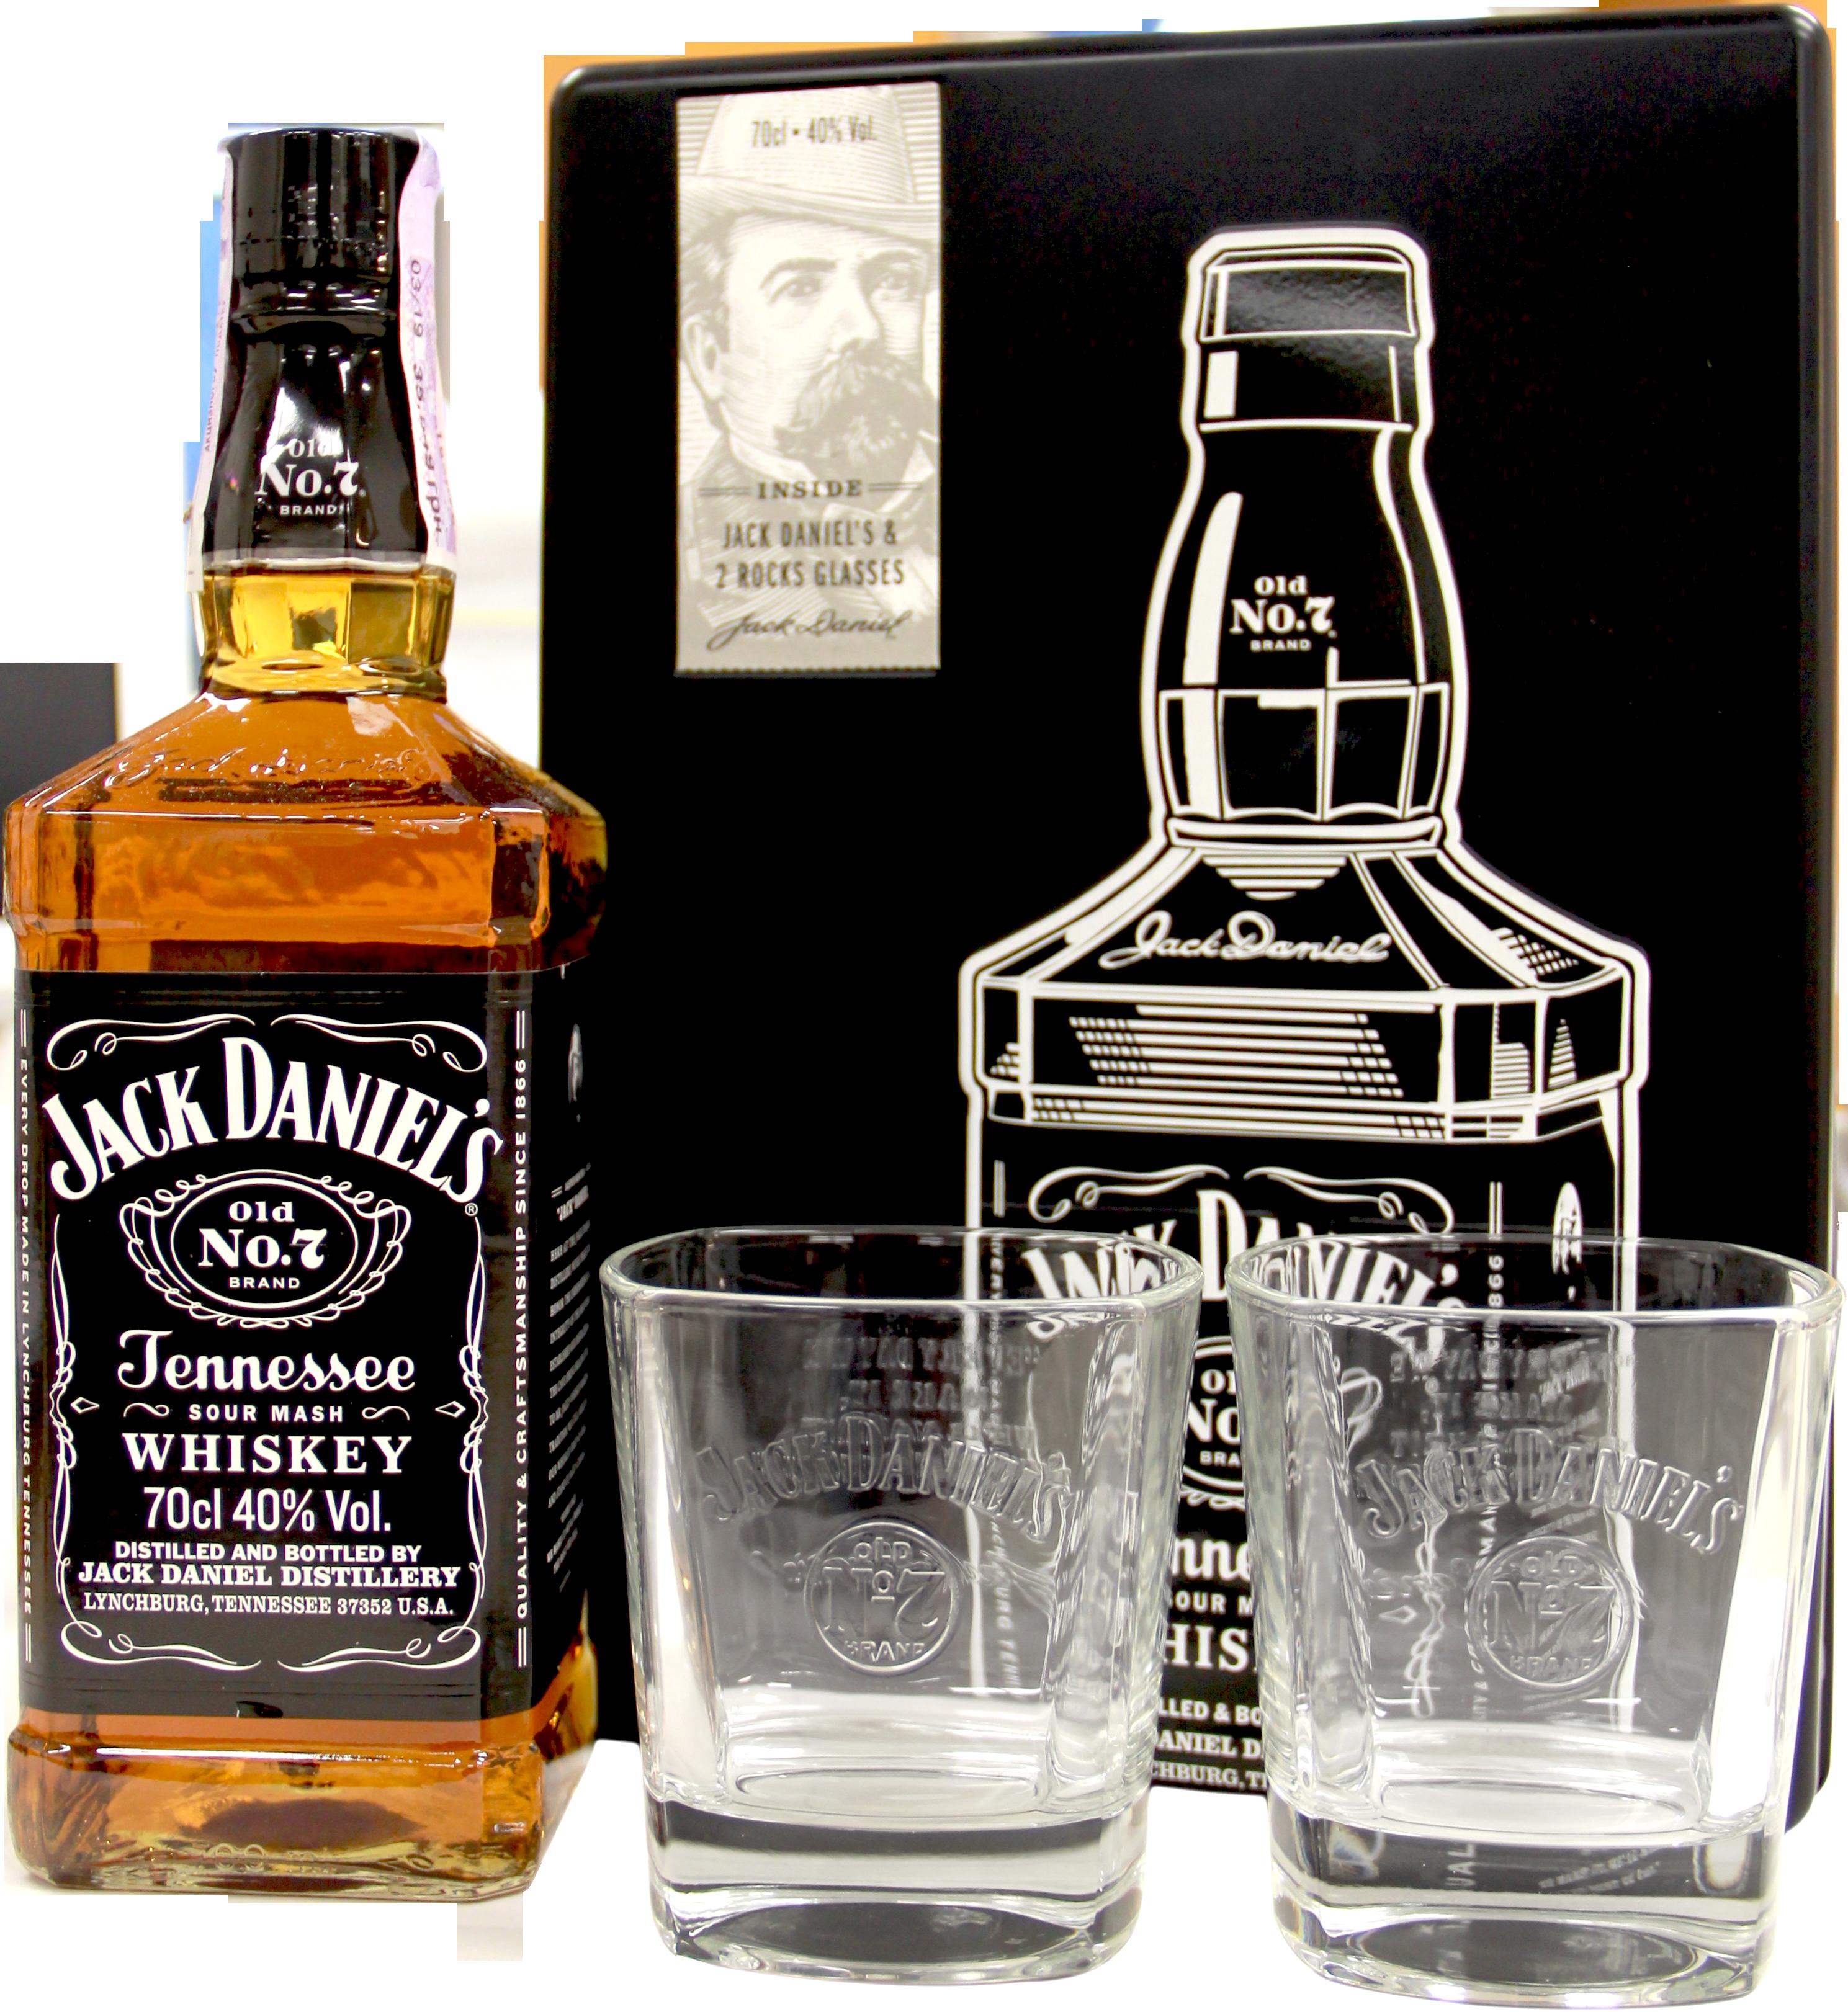 Джек дэниэлс: общие характеристики и особенности напитка, как правильно выбрать и употреблять